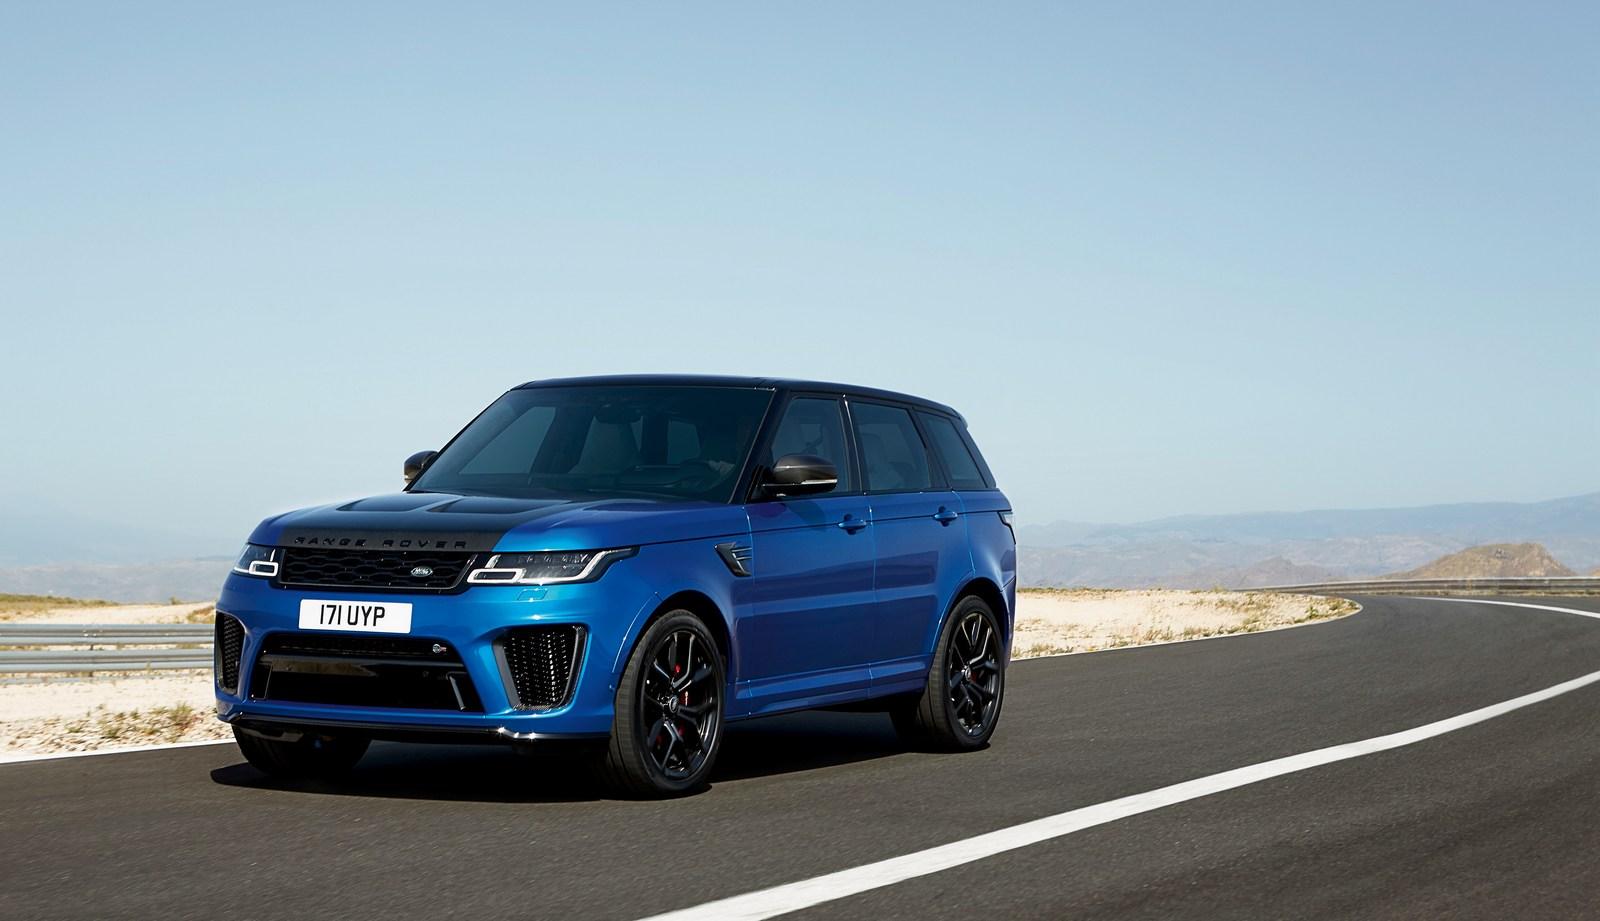 2018_Range_Rover_Sport_SVR_Facelift_12